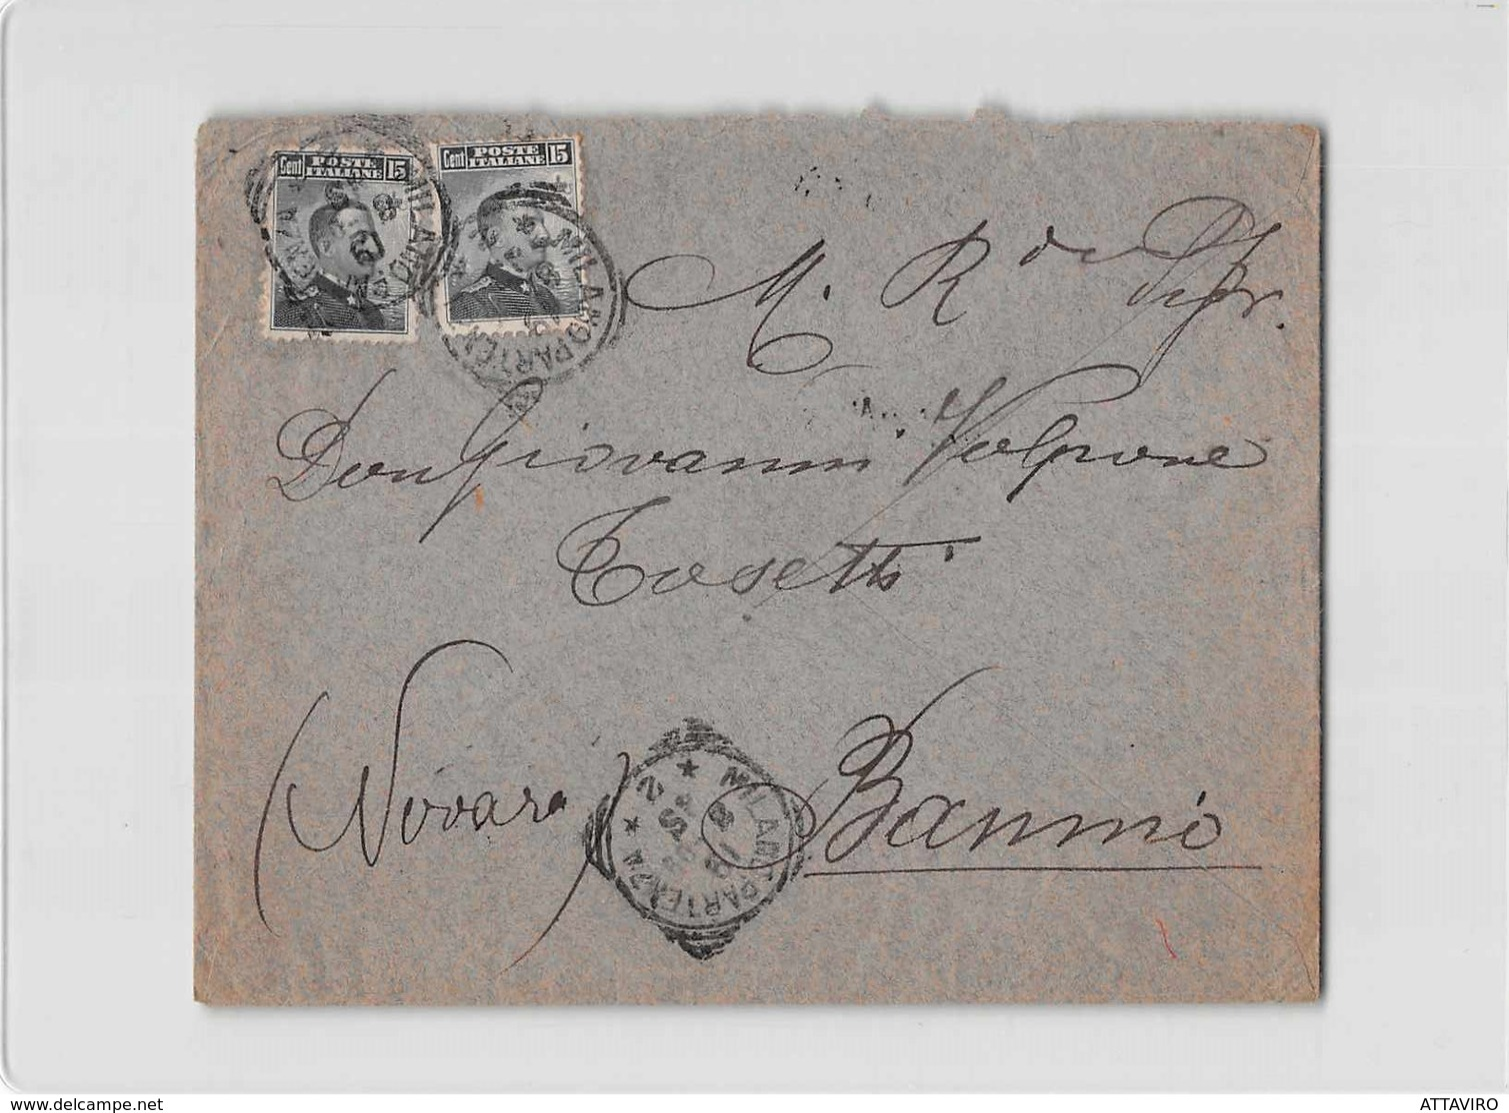 11914 03  VOLPONE TOSETTI DROGHERIA VINI LIQUORI MILANO X BANNIO - Marcophilie